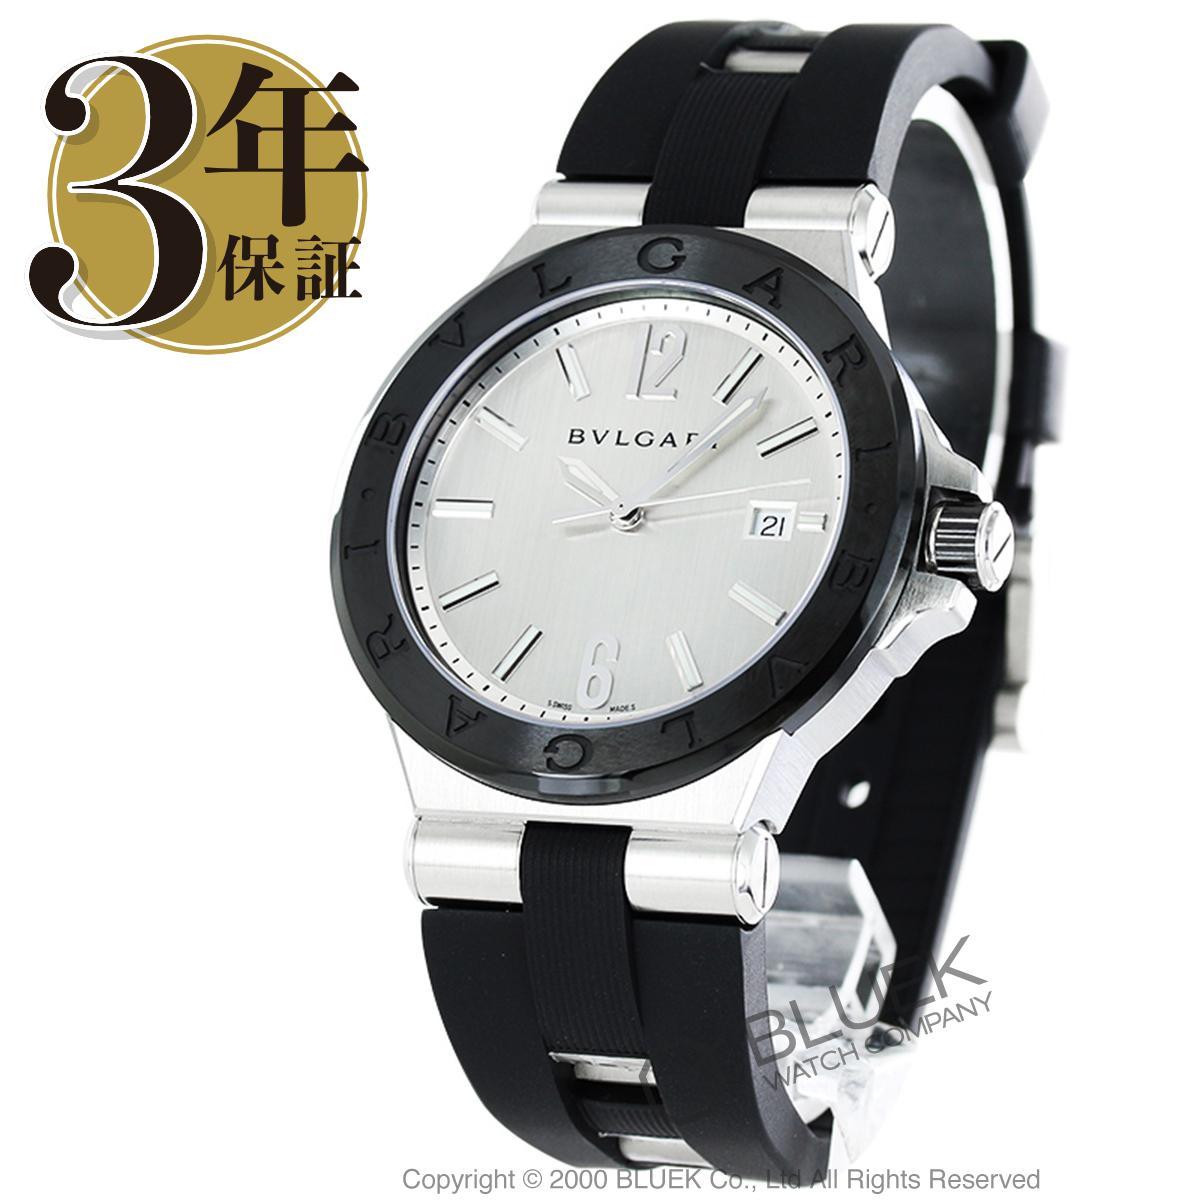 【6,000円OFFクーポン対象】ブルガリ ディアゴノ セラミック 腕時計 メンズ BVLGARI DG42C6SCVD_8